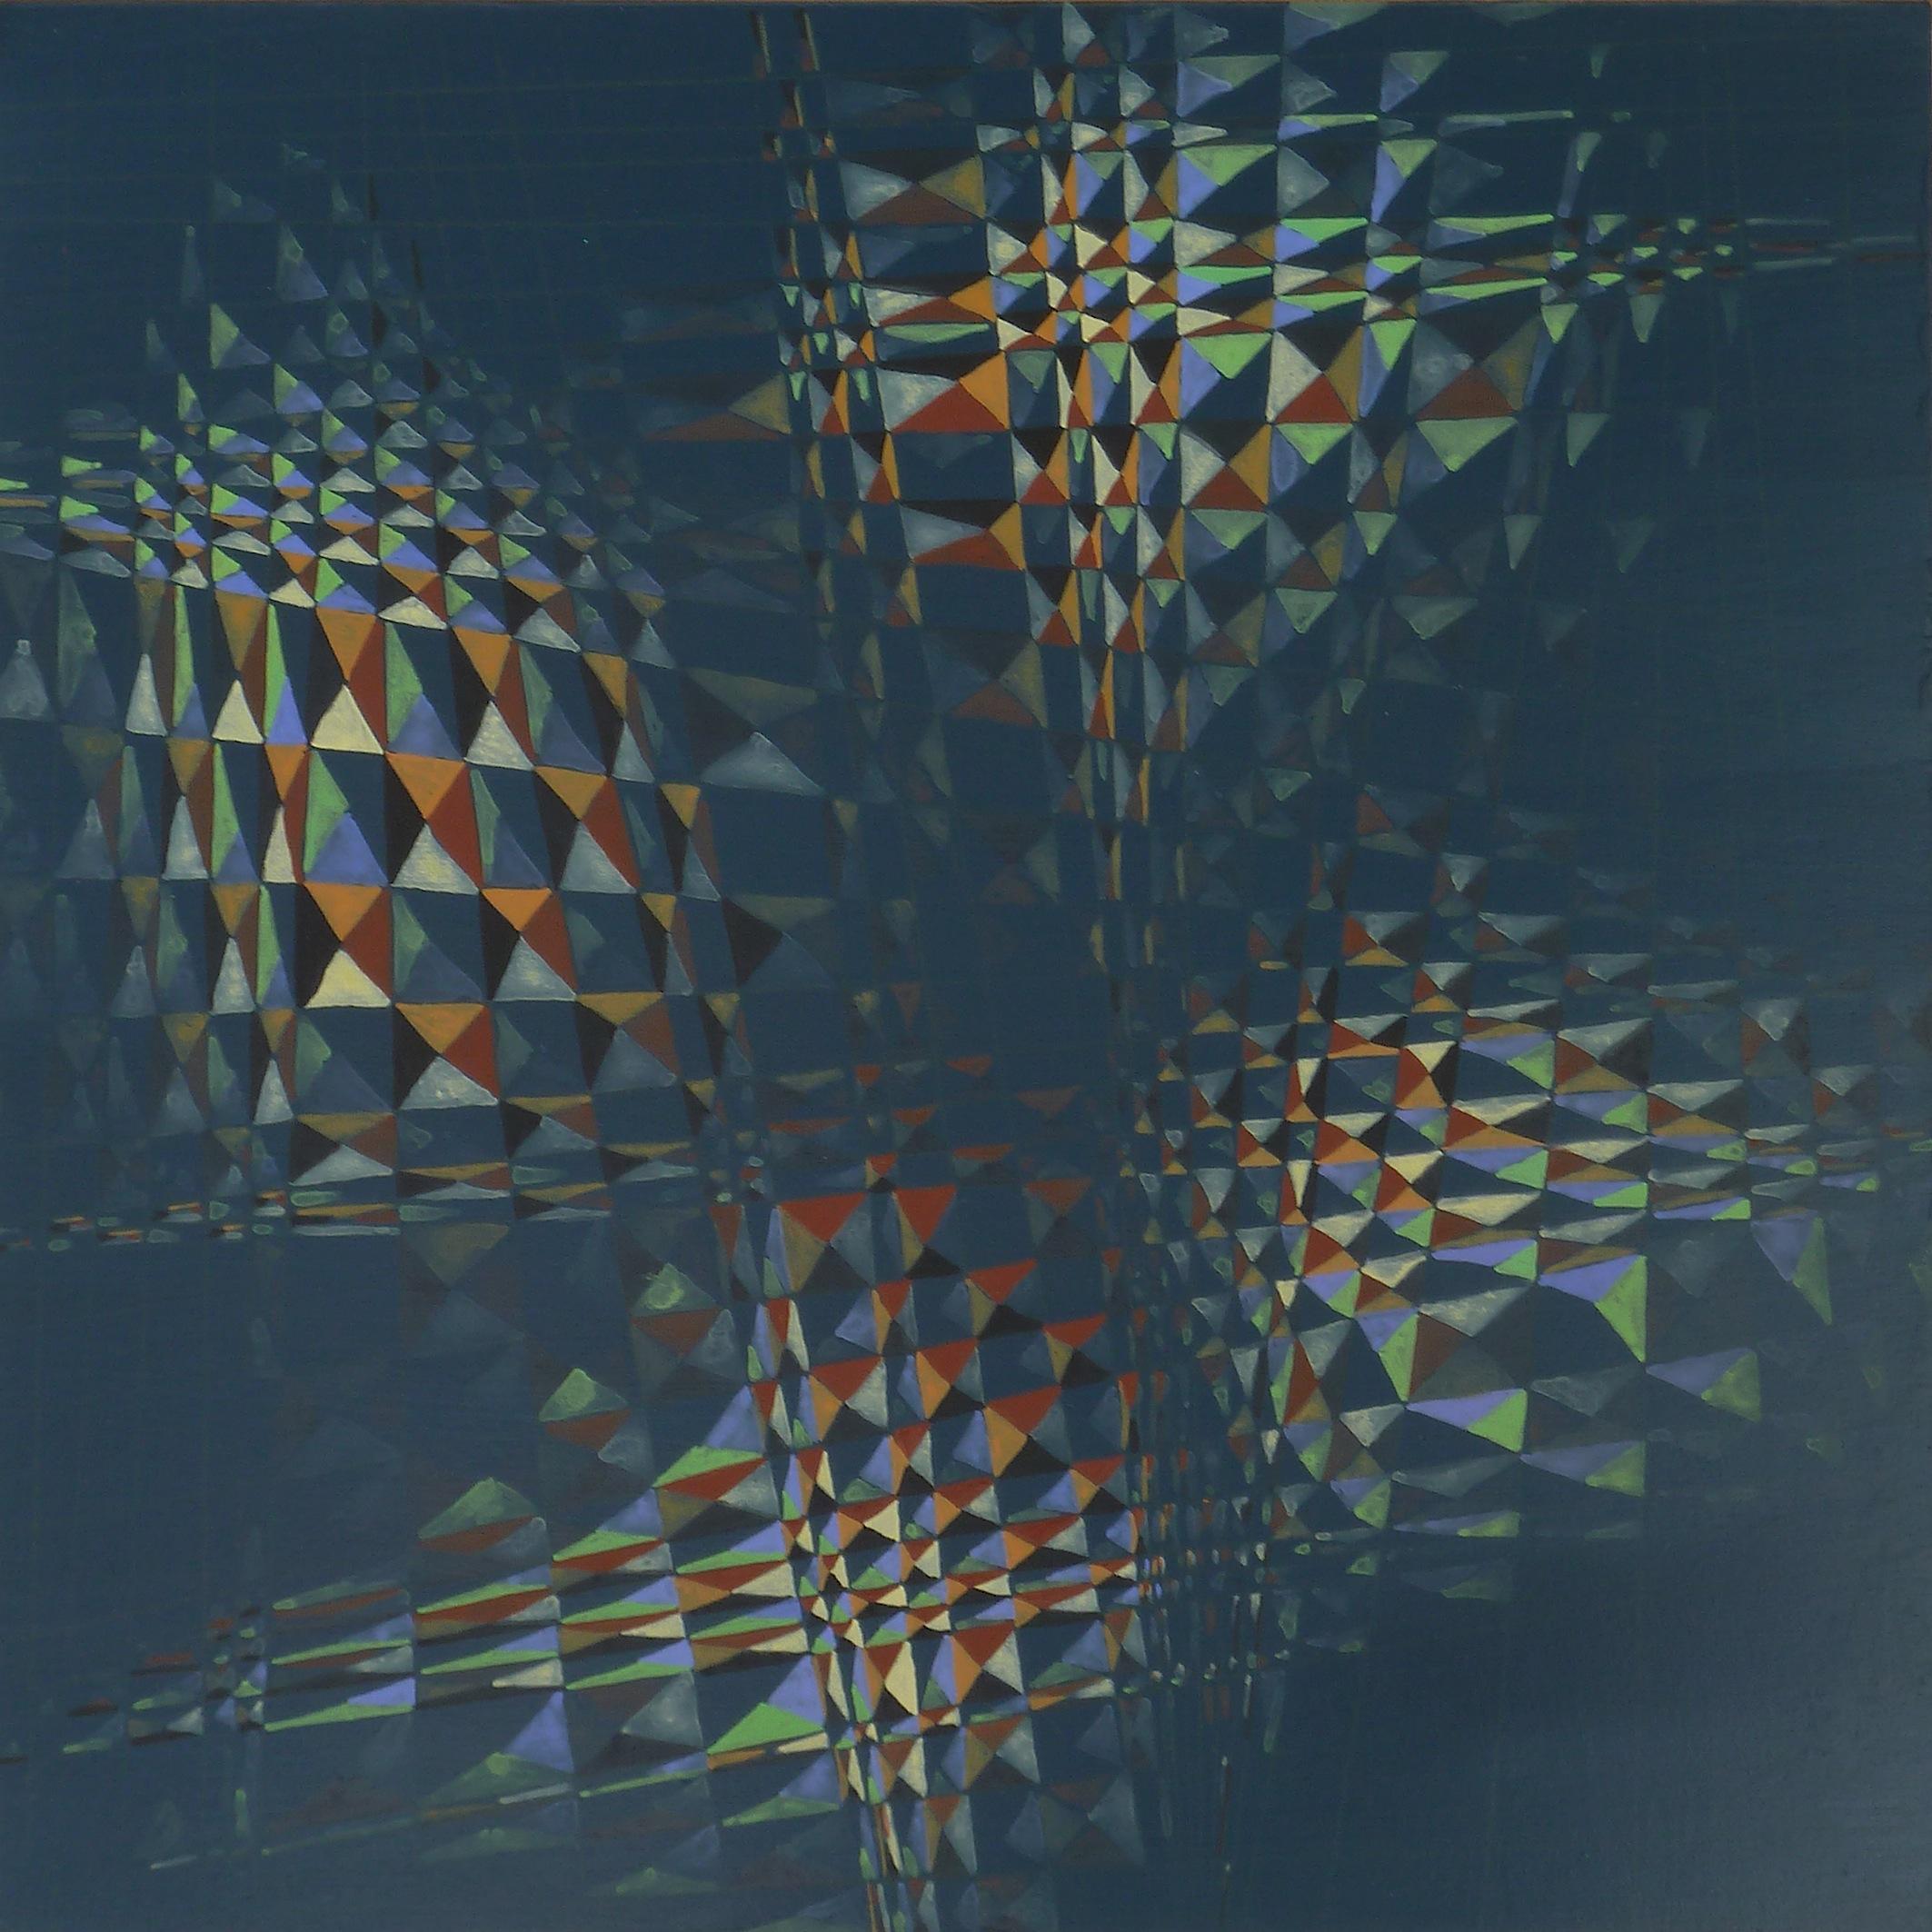 Entangled labyrinths  (2015). Pencil, acrylic and gouache on board, each 30 x 30 cm